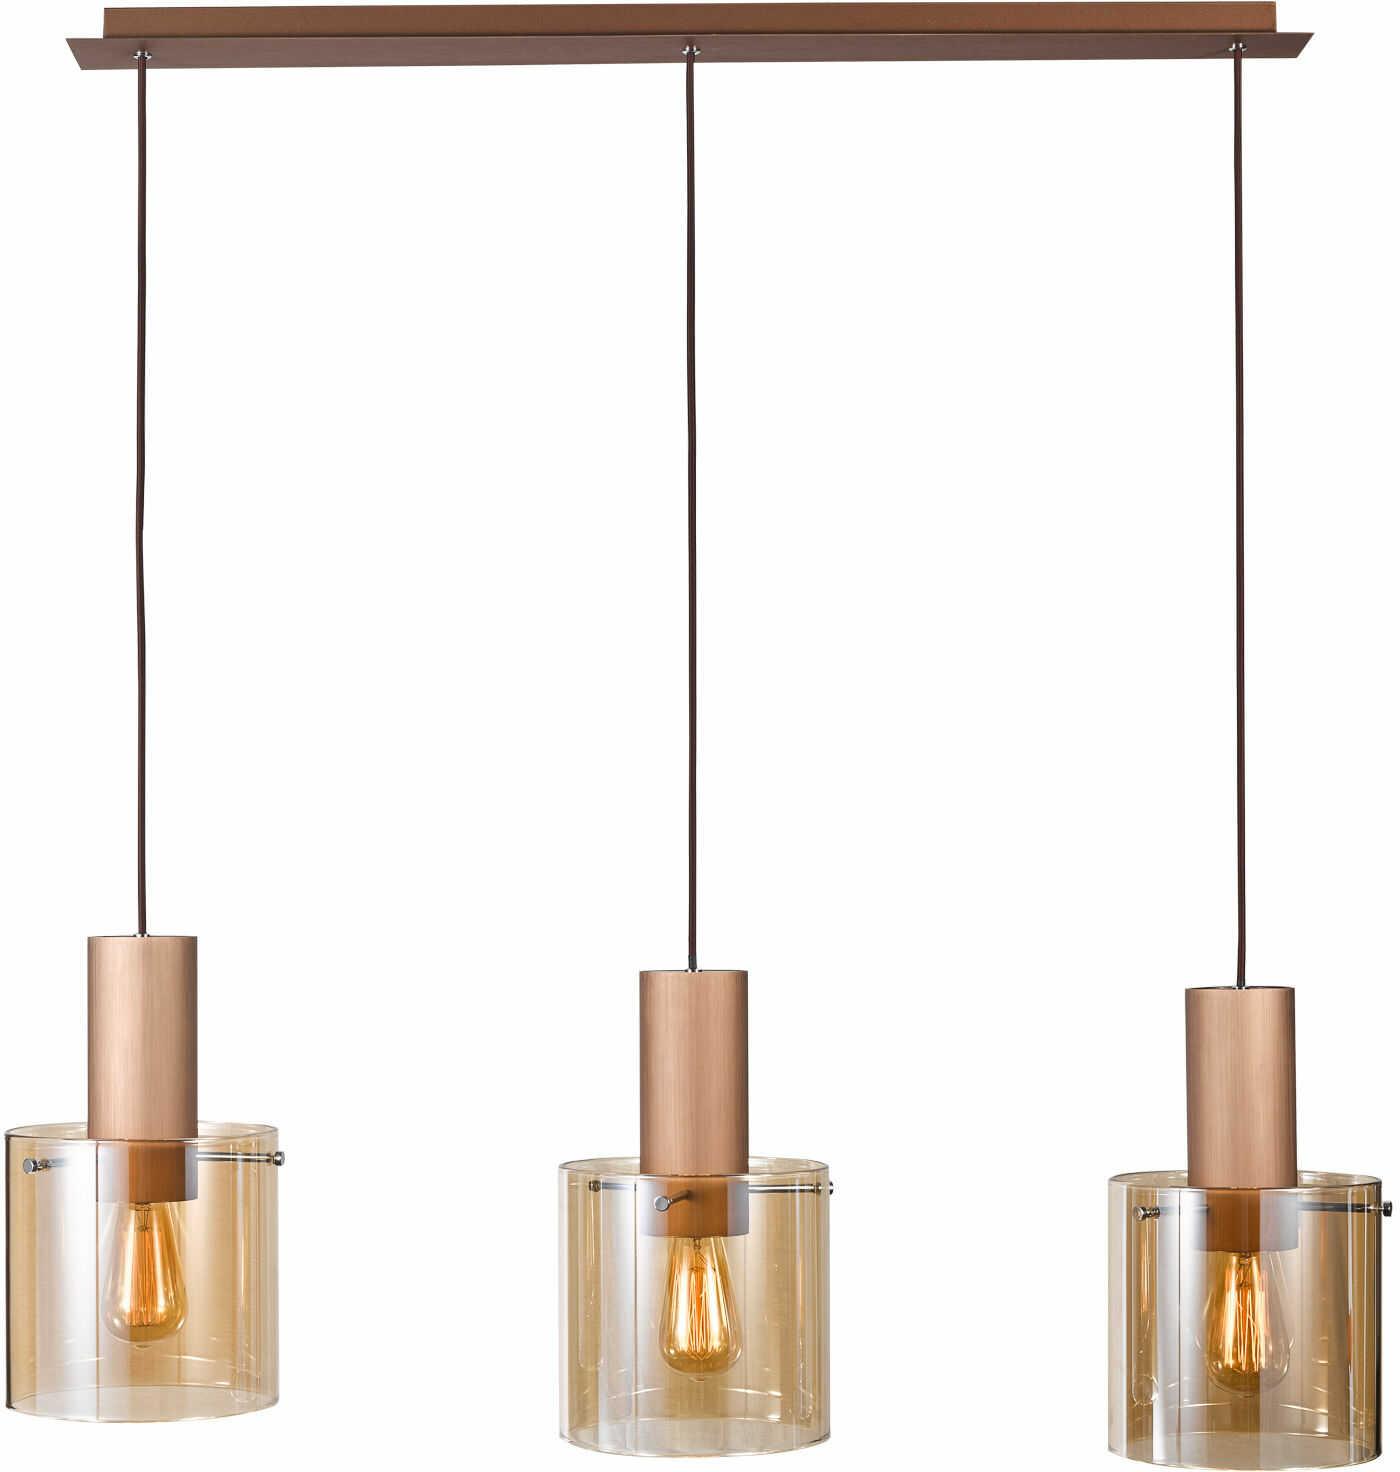 Italux Javier MD17076-3B lampa wisząca nowoczesna metalowa czarny klosz szkło brąz antyczny E27 3x60W IP20 90cm